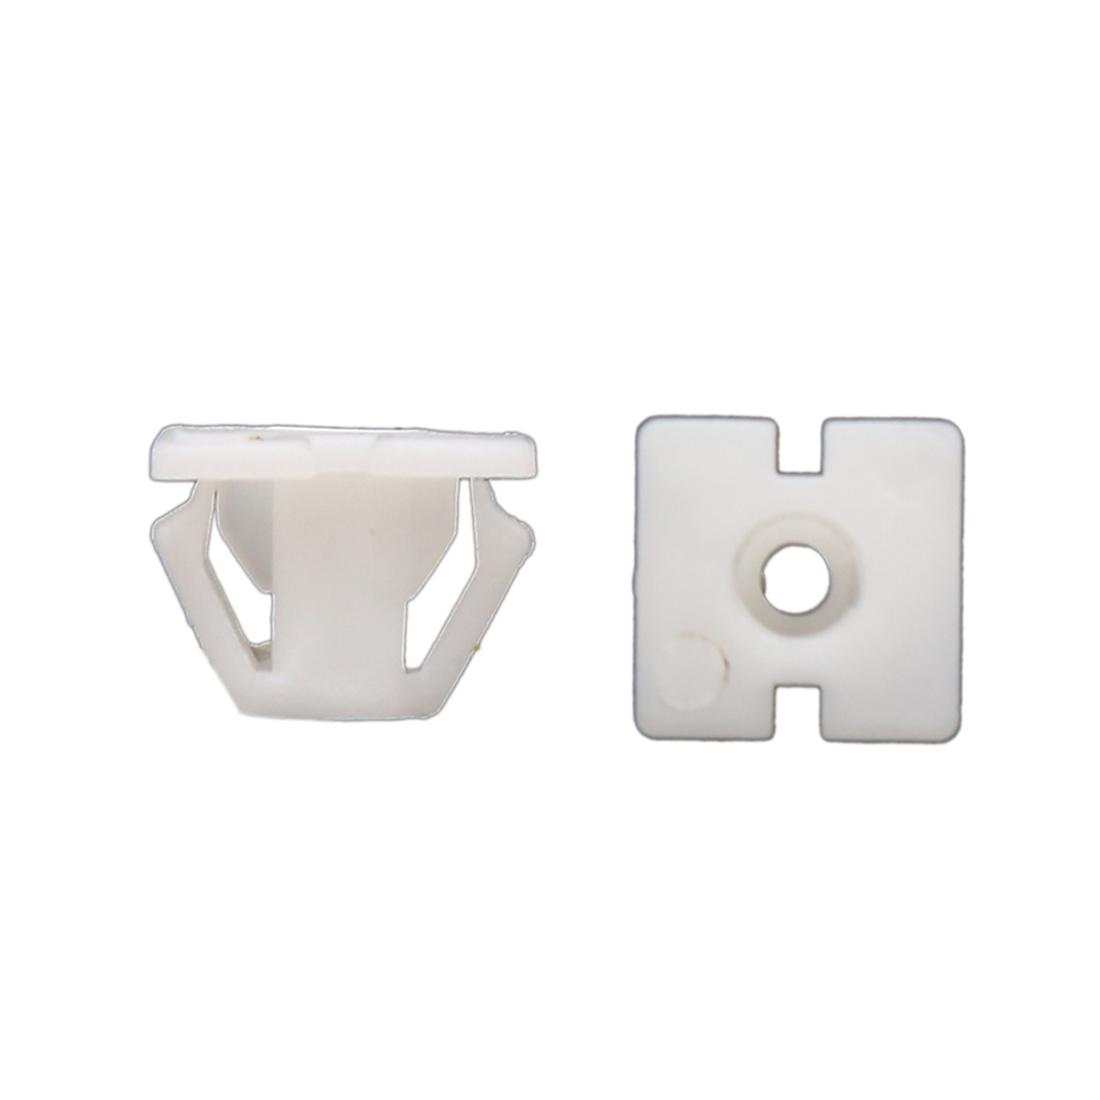 40 Pcs White Nylon Plastic Rivets Retainer Push Clips 14mm Hole Dia for Car